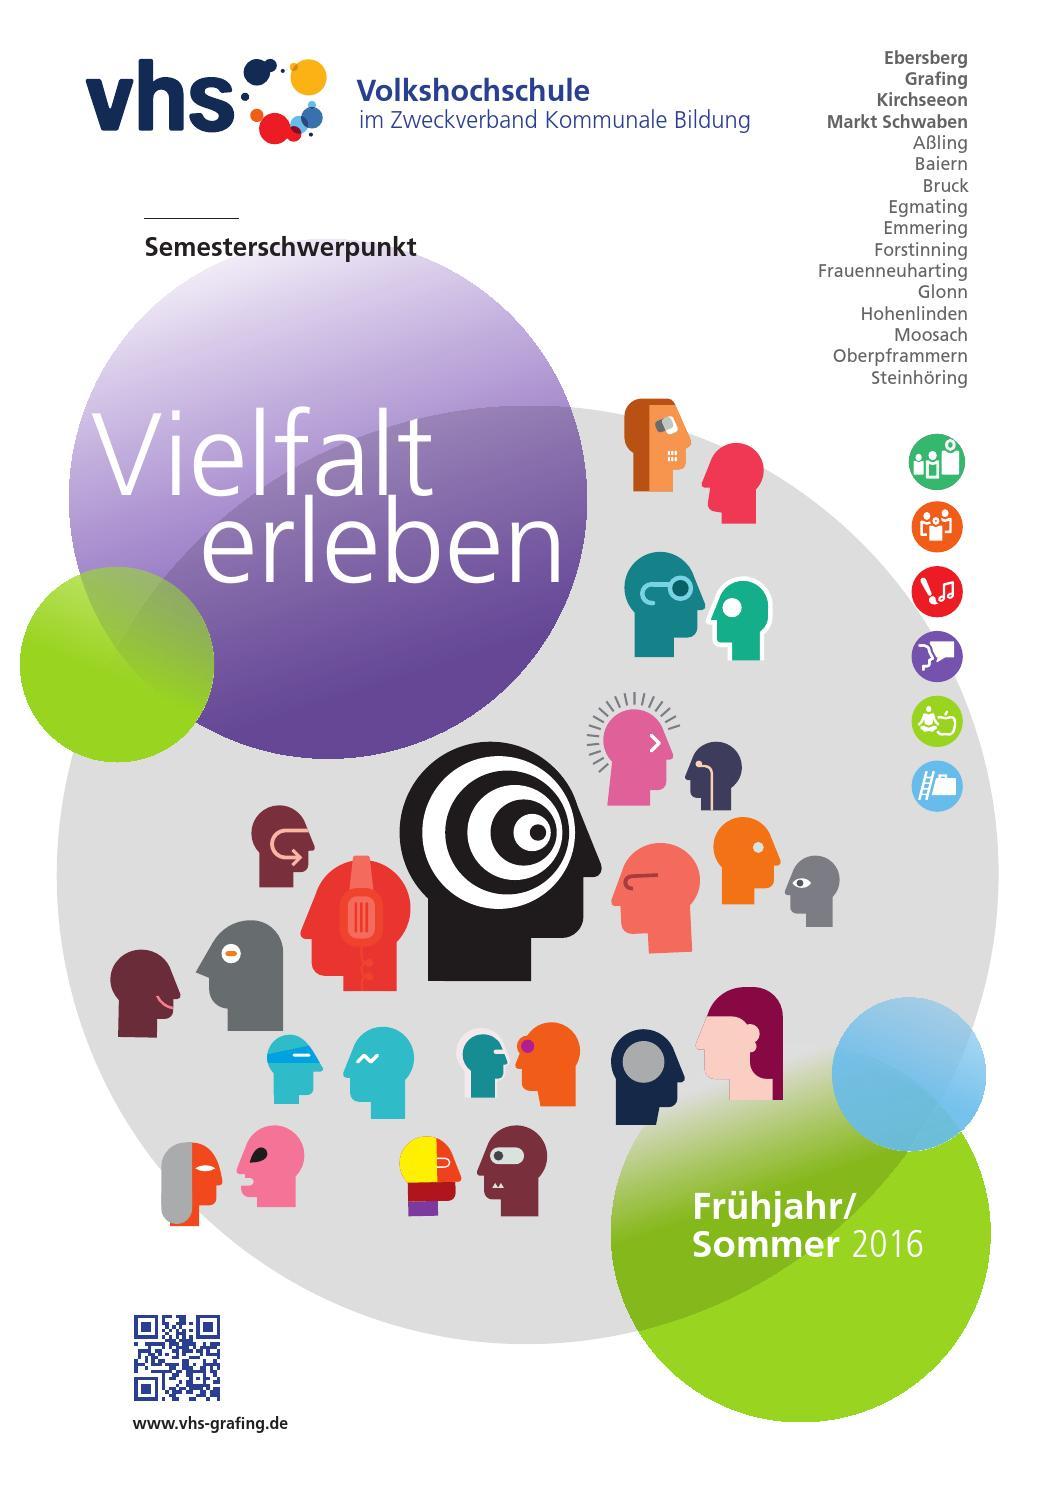 vhs Ebersberg-Grafing Frühjahr/Sommer 2016 by brand4 brandesign - issuu